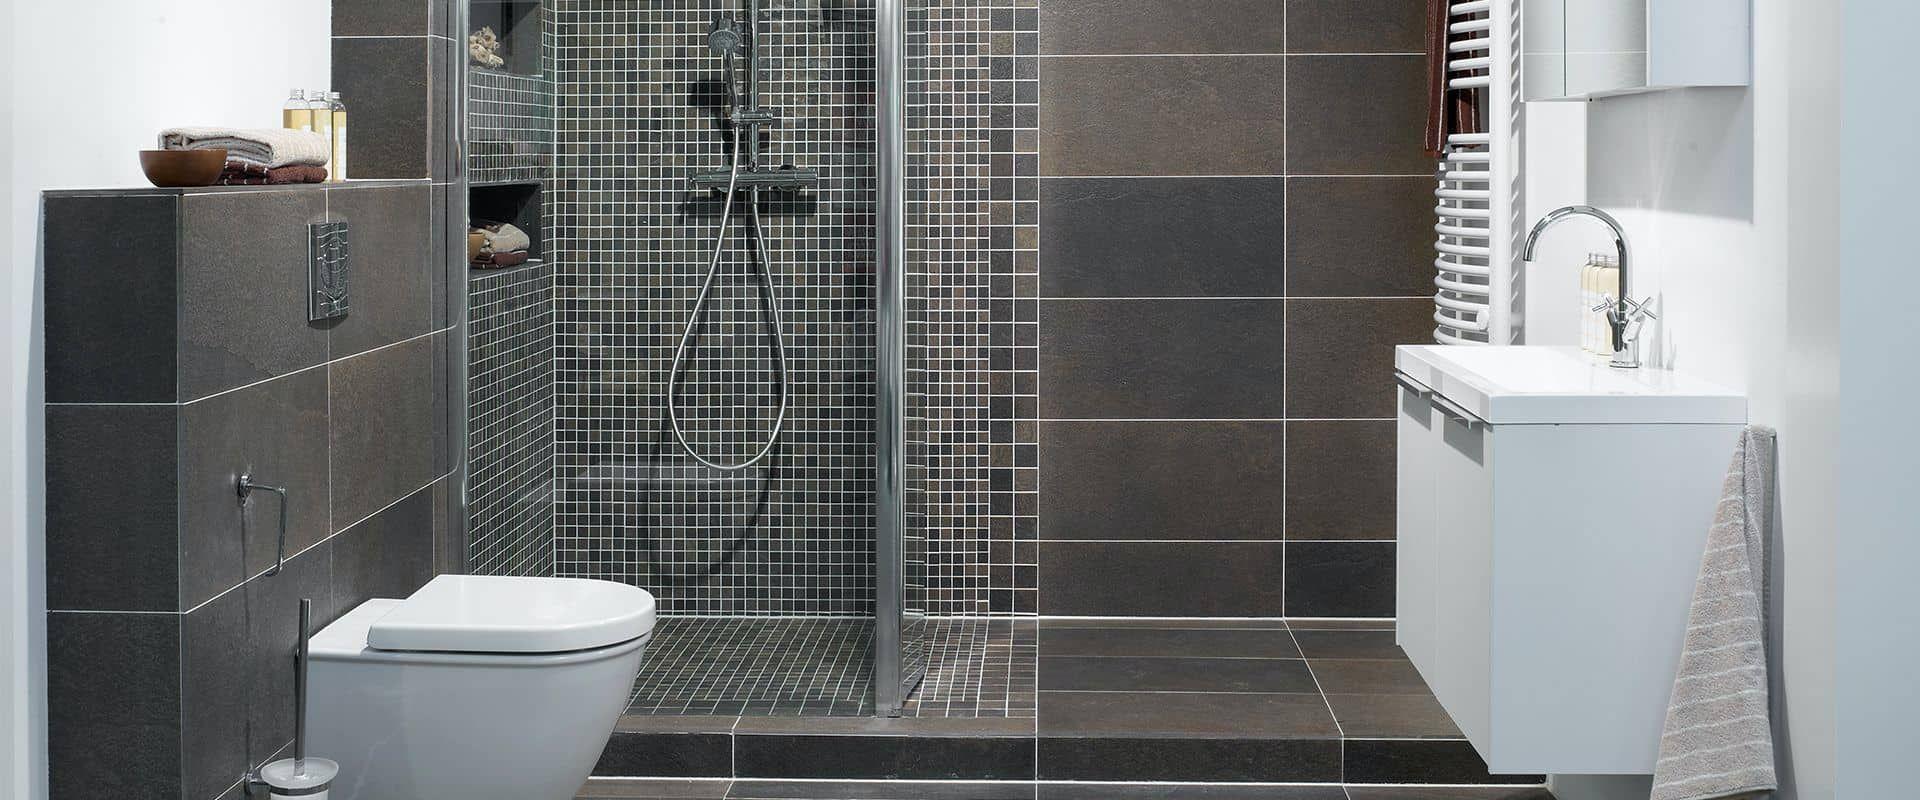 Badkamertegels Vind Je Bij Wooning Laat Je Inspireren